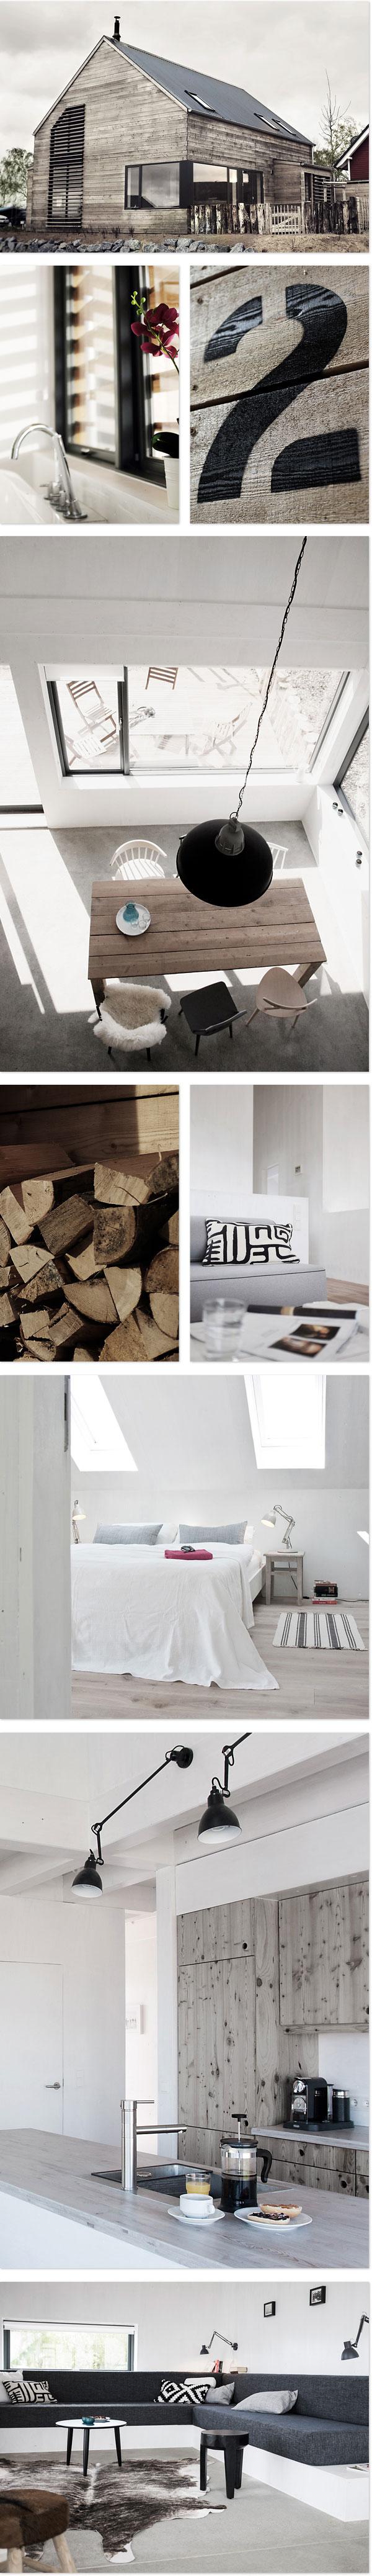 Strandwood_designhaus_no9_2